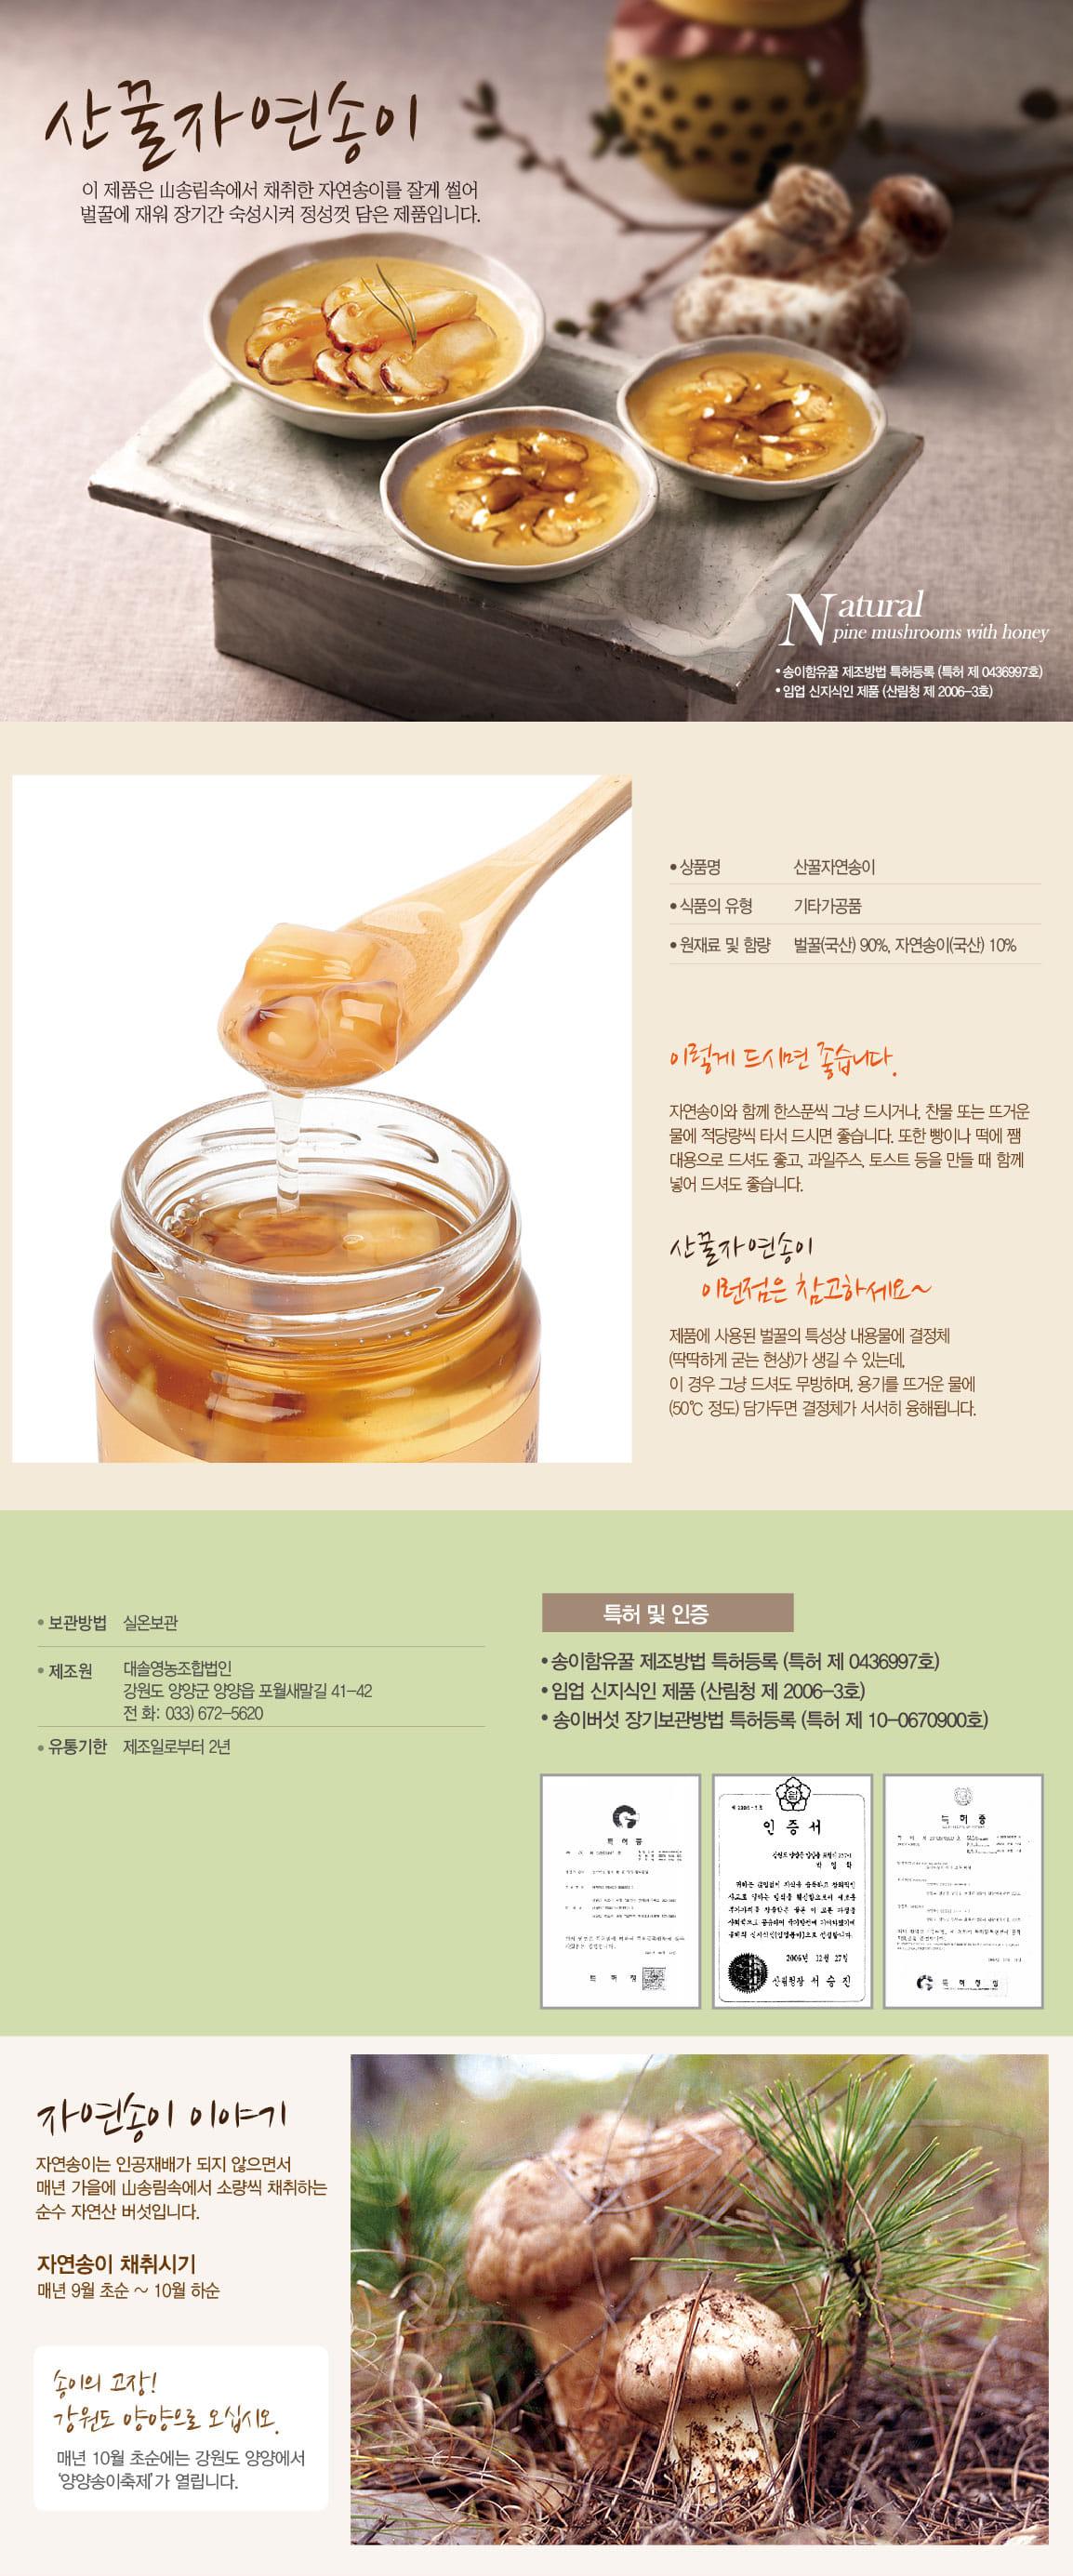 산꿀자연송이 벌꿀 꿀물 꿀차 자연송이